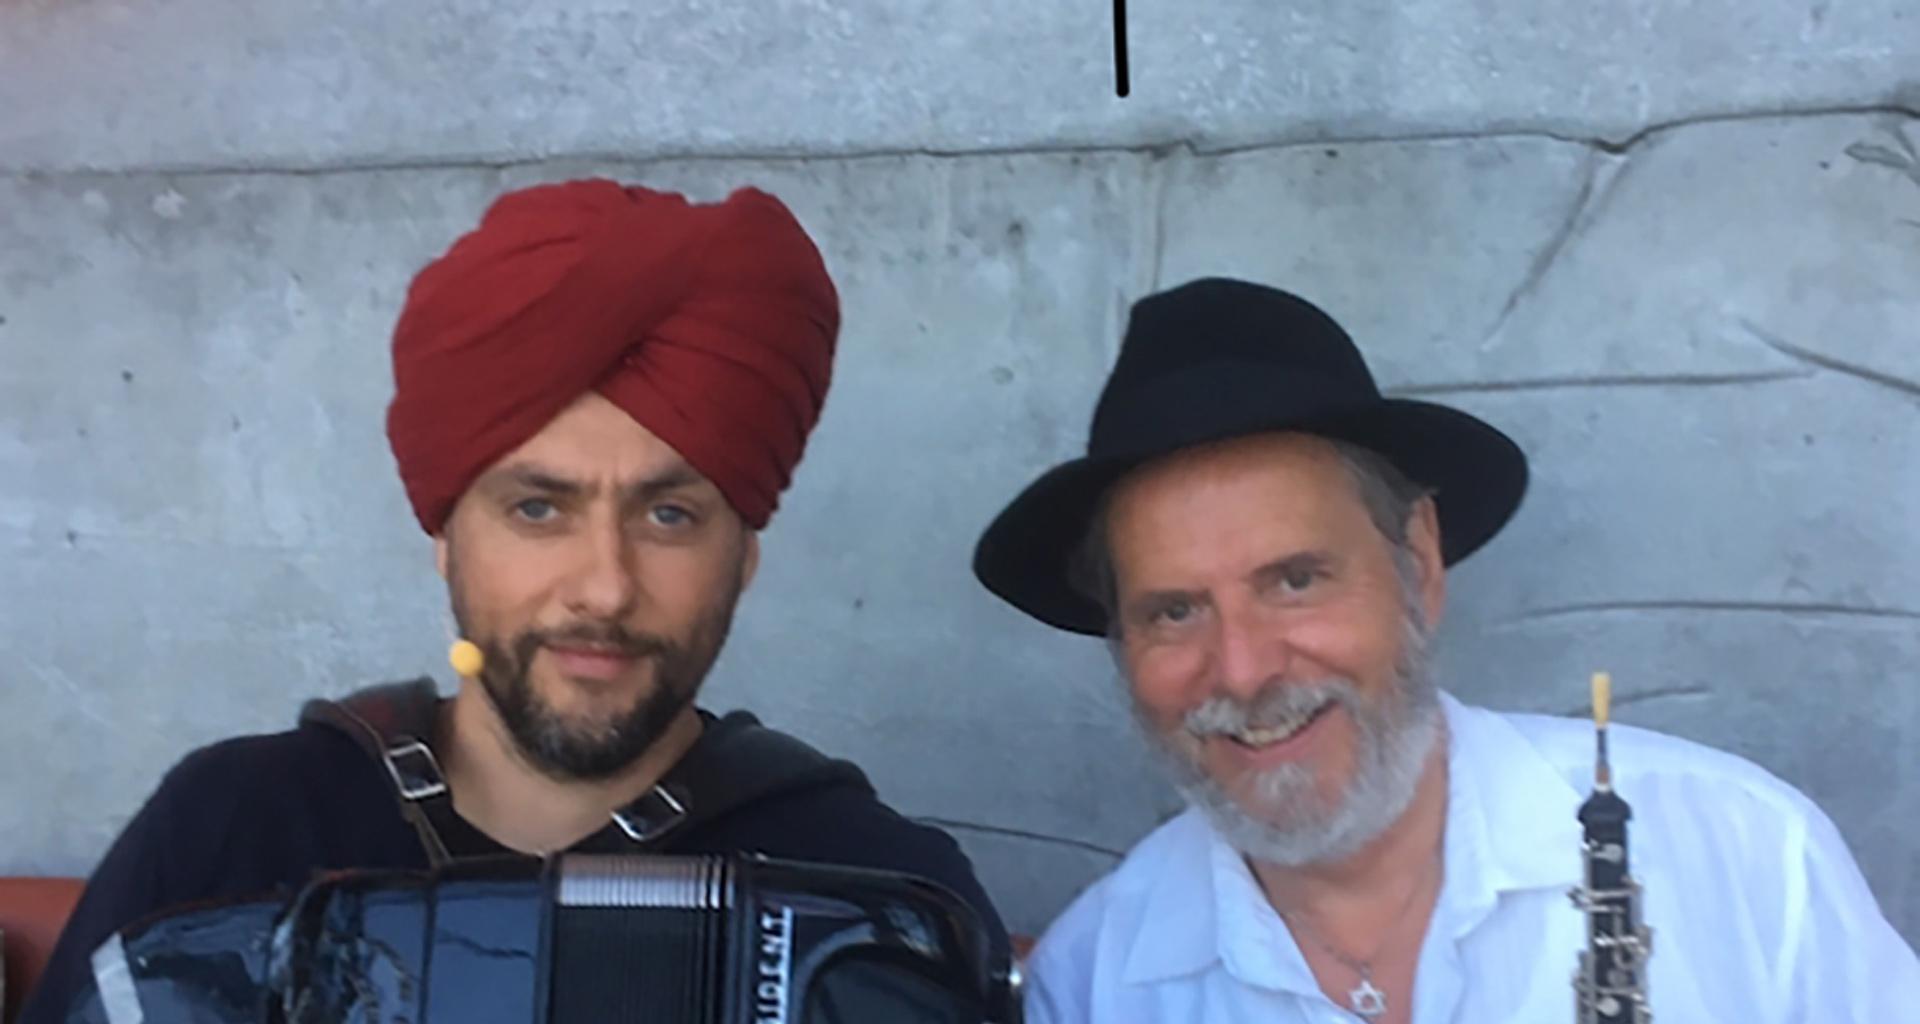 Singh & Goldschmidt